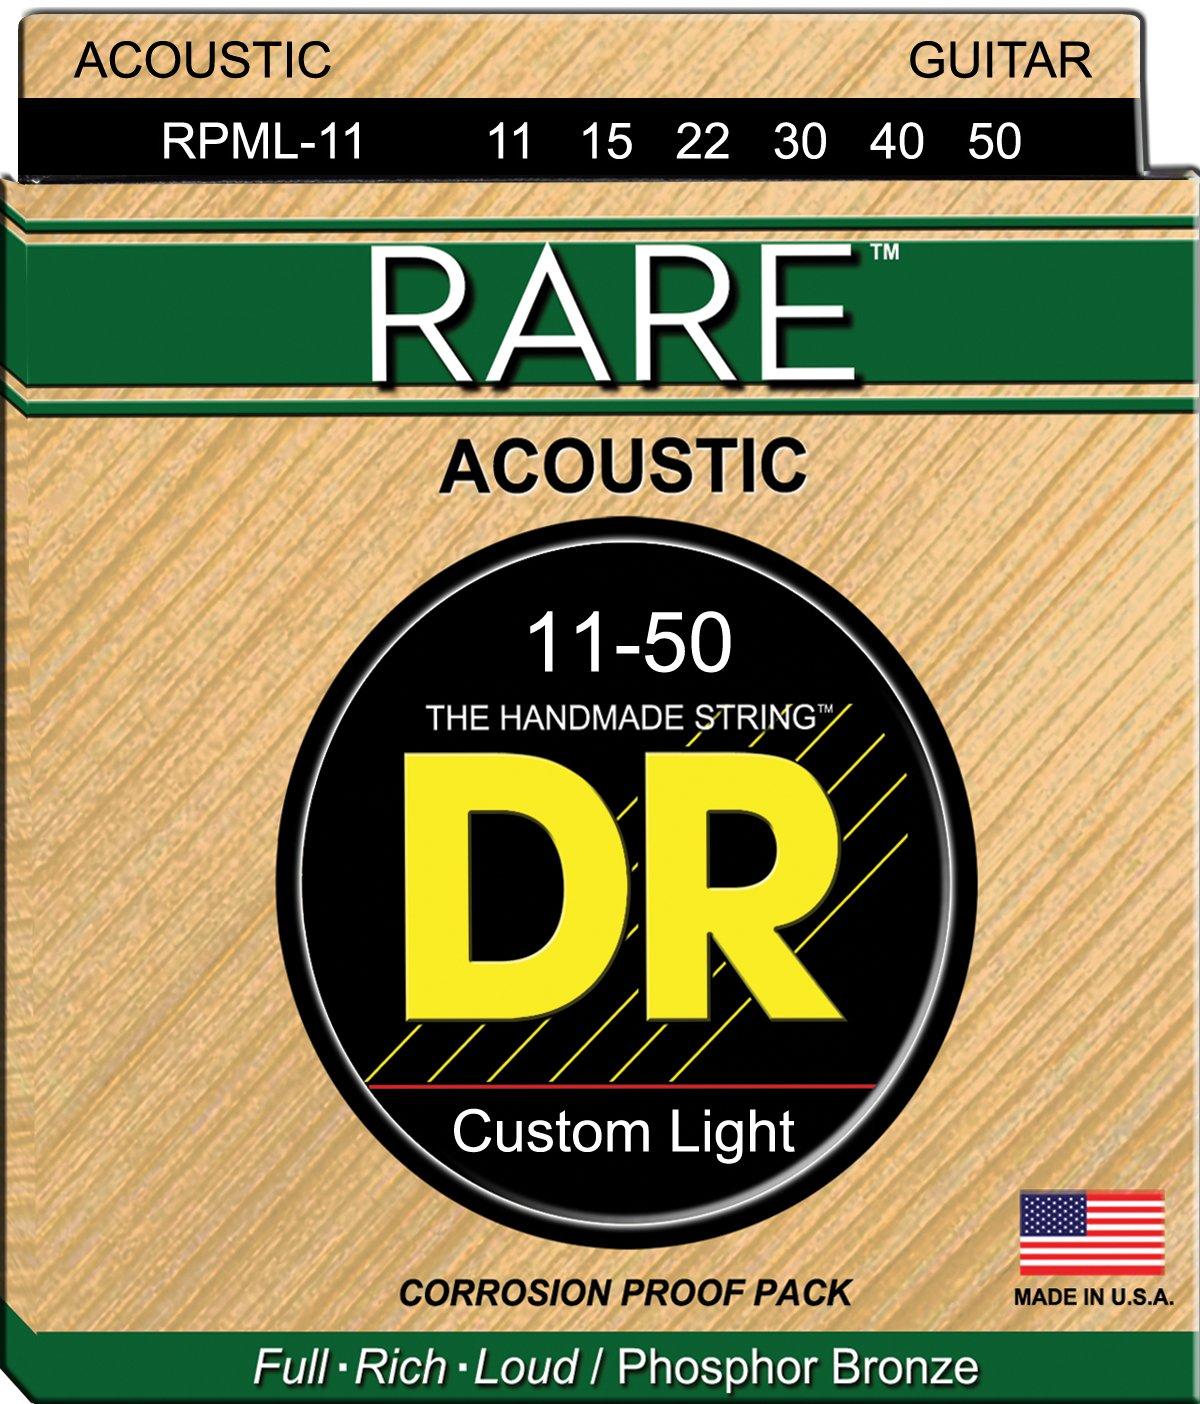 DR Strings RARE RPML-11 Acoustic Guitar Strings, Medium Light, 11-50